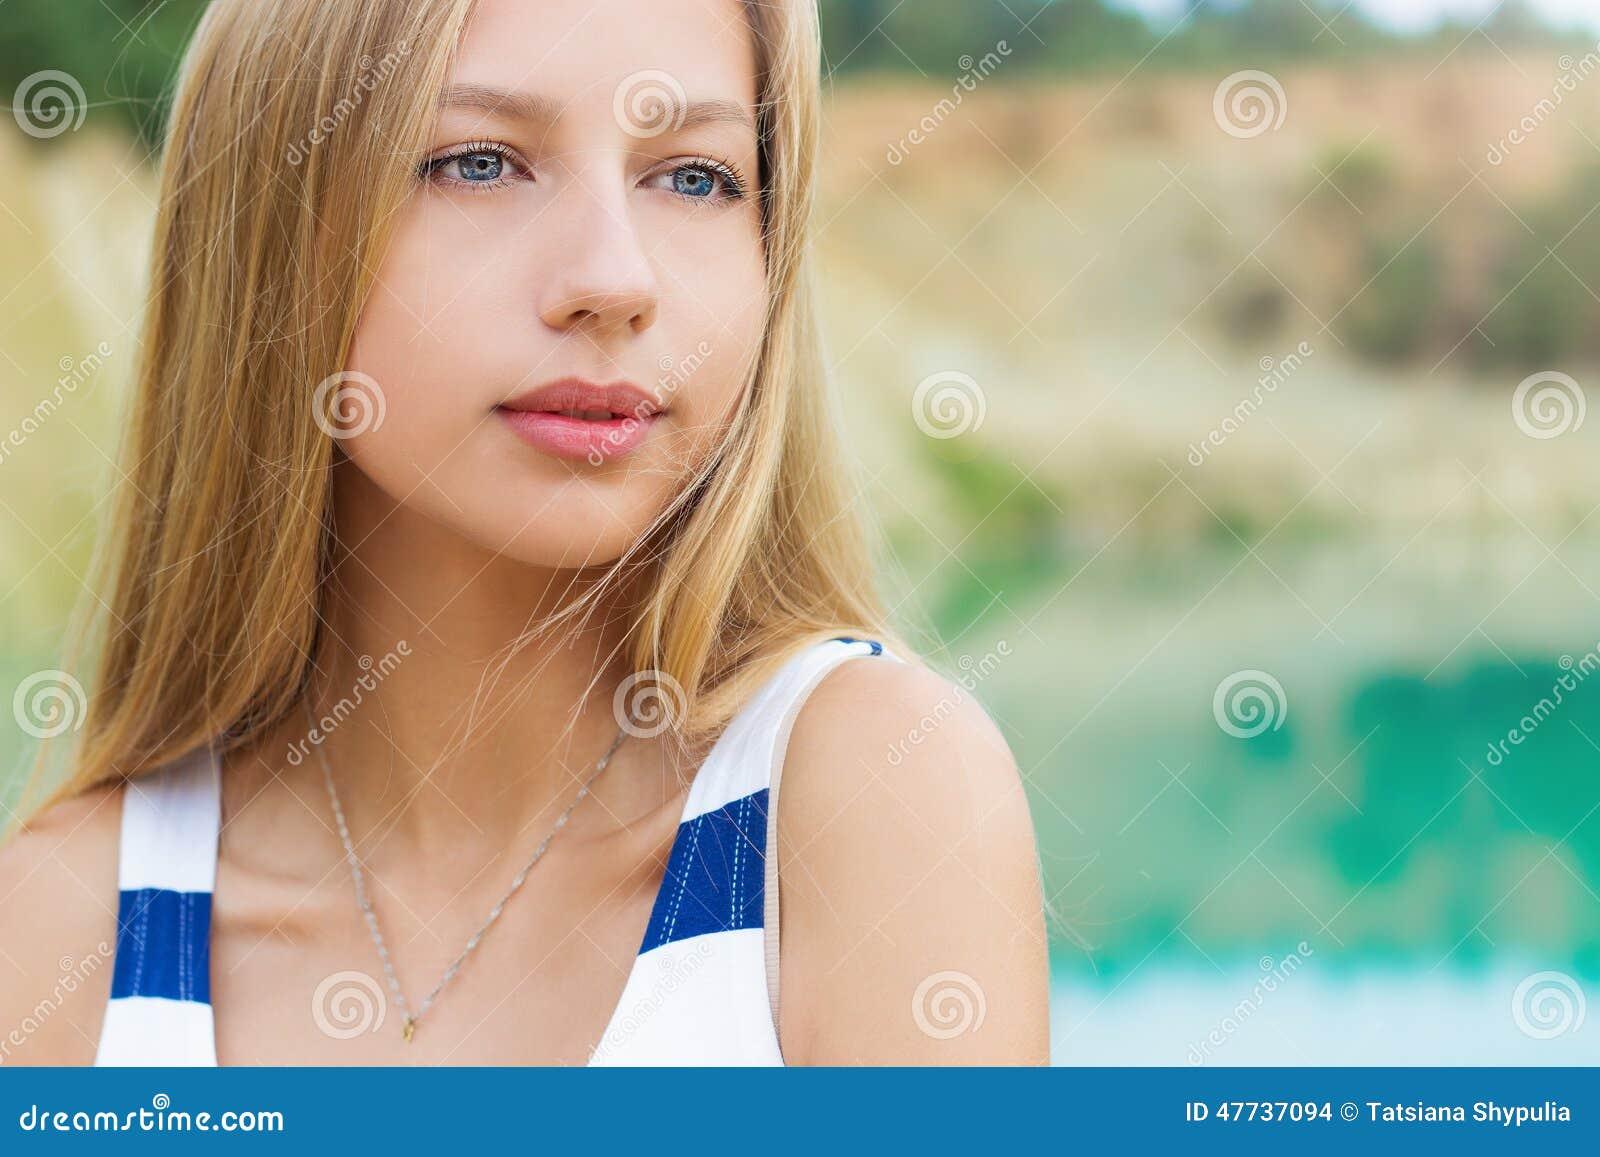 hot blonde women nude masterbating